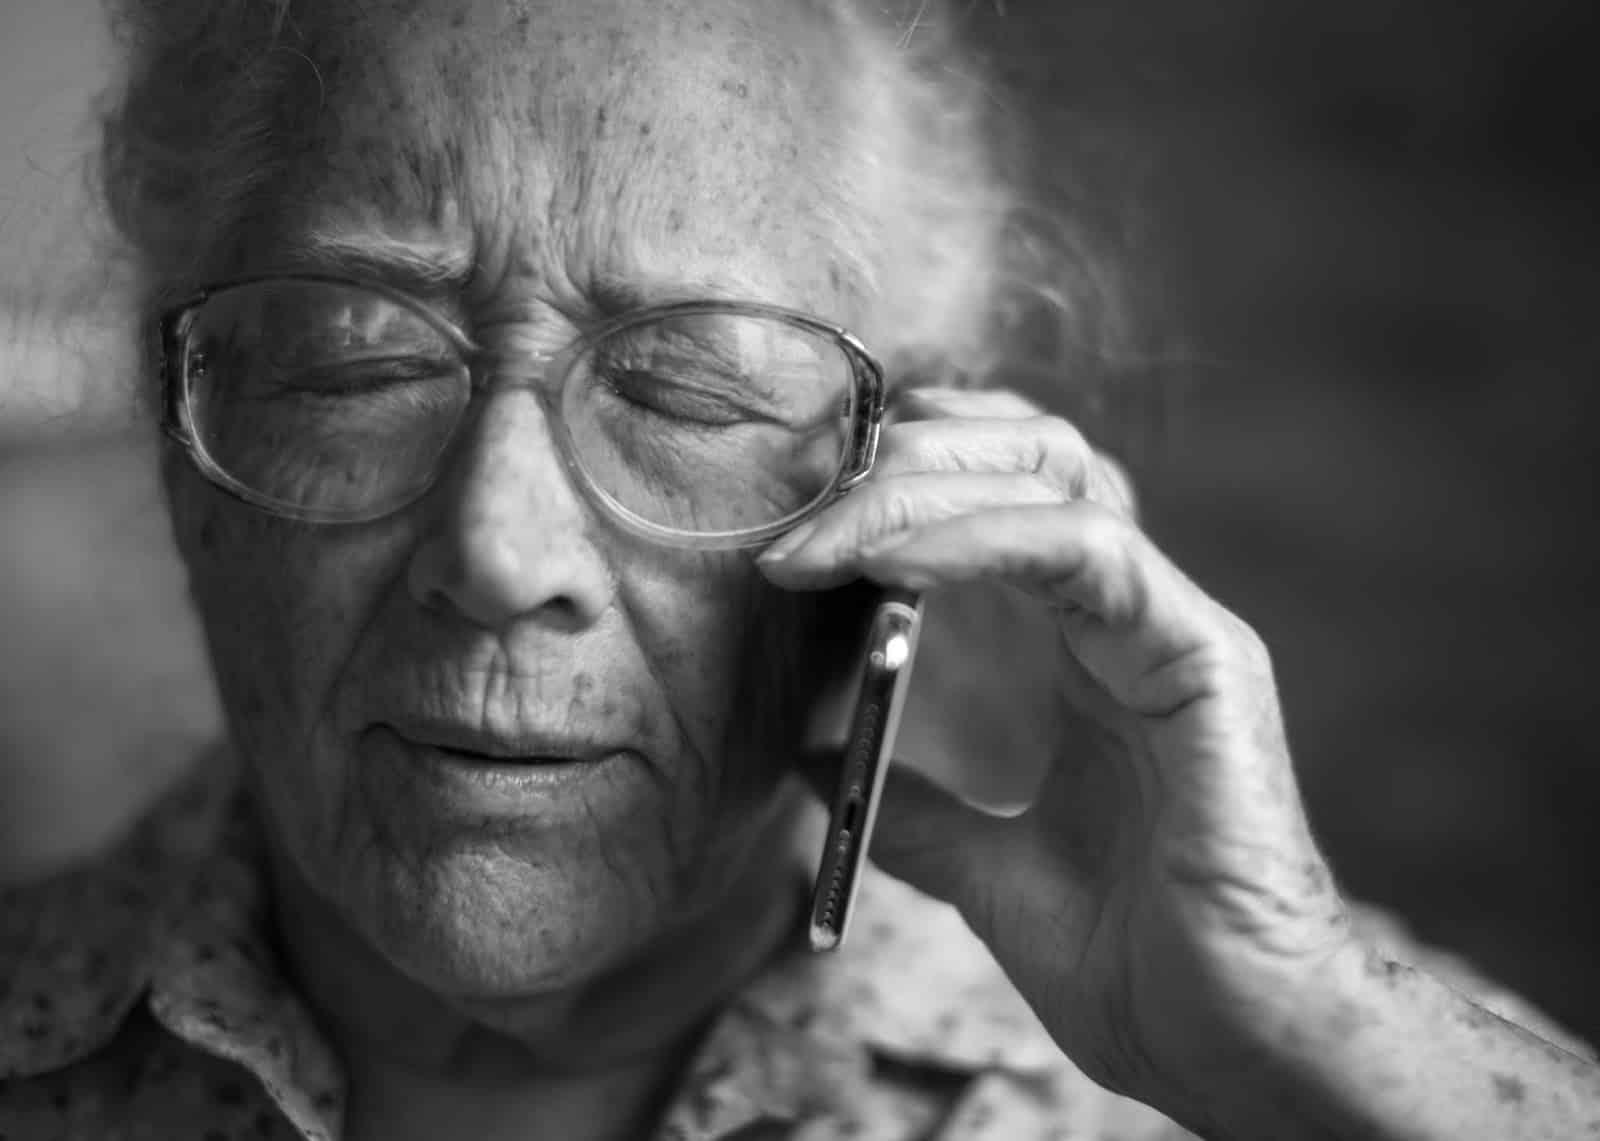 أفضل 10 تطبيقات لكبار السن الذين يعيشون بمفردهم